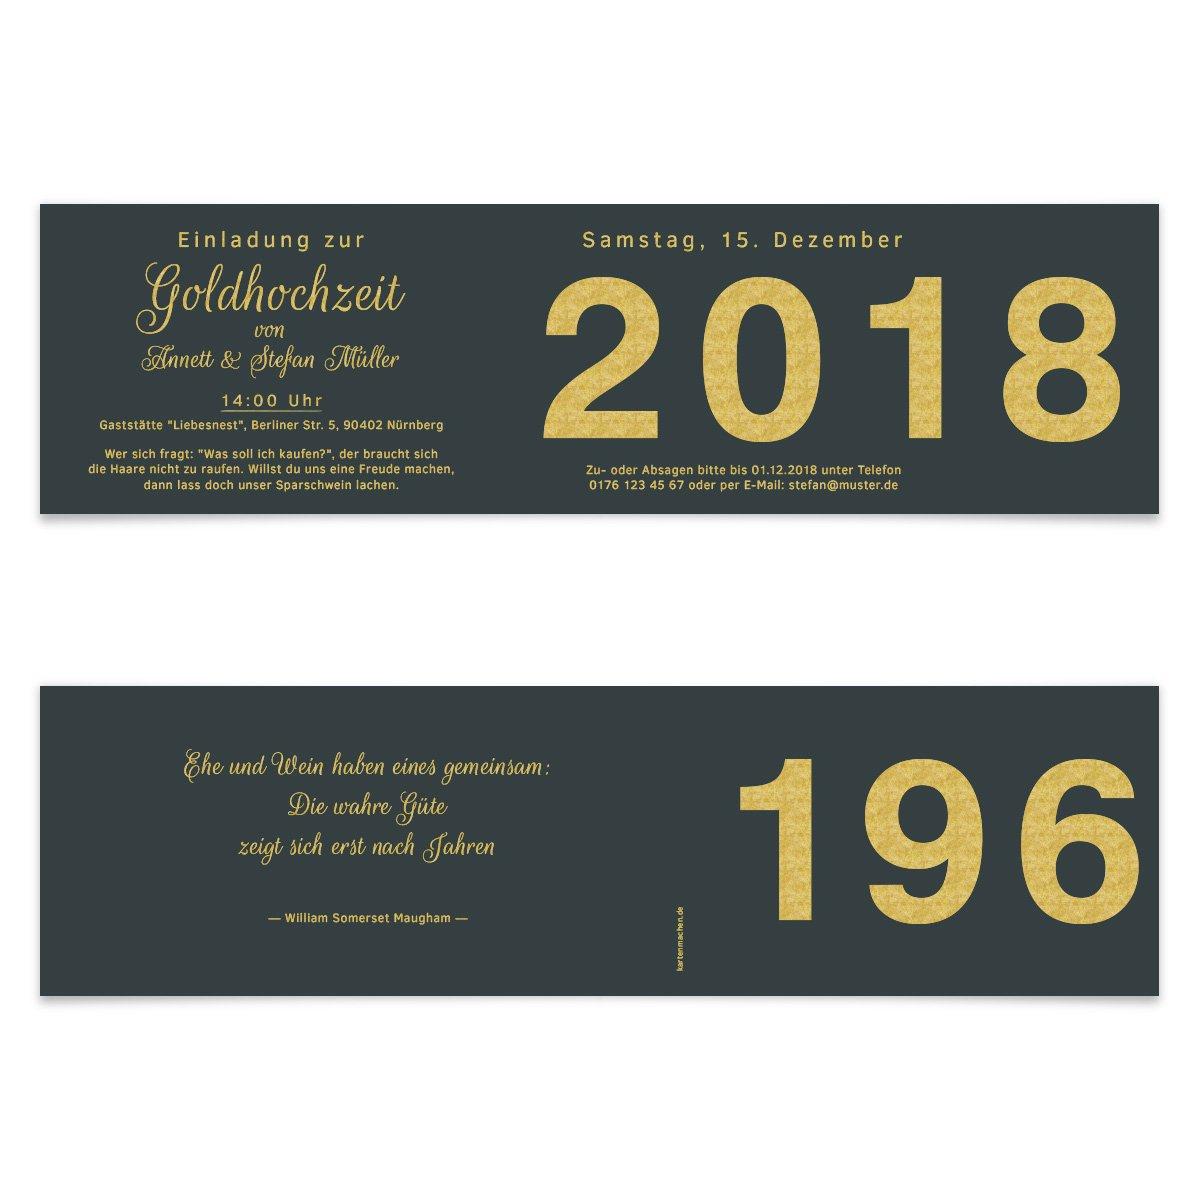 100 x x x Hochzeitseinladungen Silberhochzeit silberne Hochzeit Einladung - Jahrzehnt Sprung B07DQQV2YH   Öffnen Sie das Interesse und die Innovation Ihres Kindes, aber auch die Unschuld von Kindern, kindlich, glücklich    Qualität und Quantität garantiert  72c474